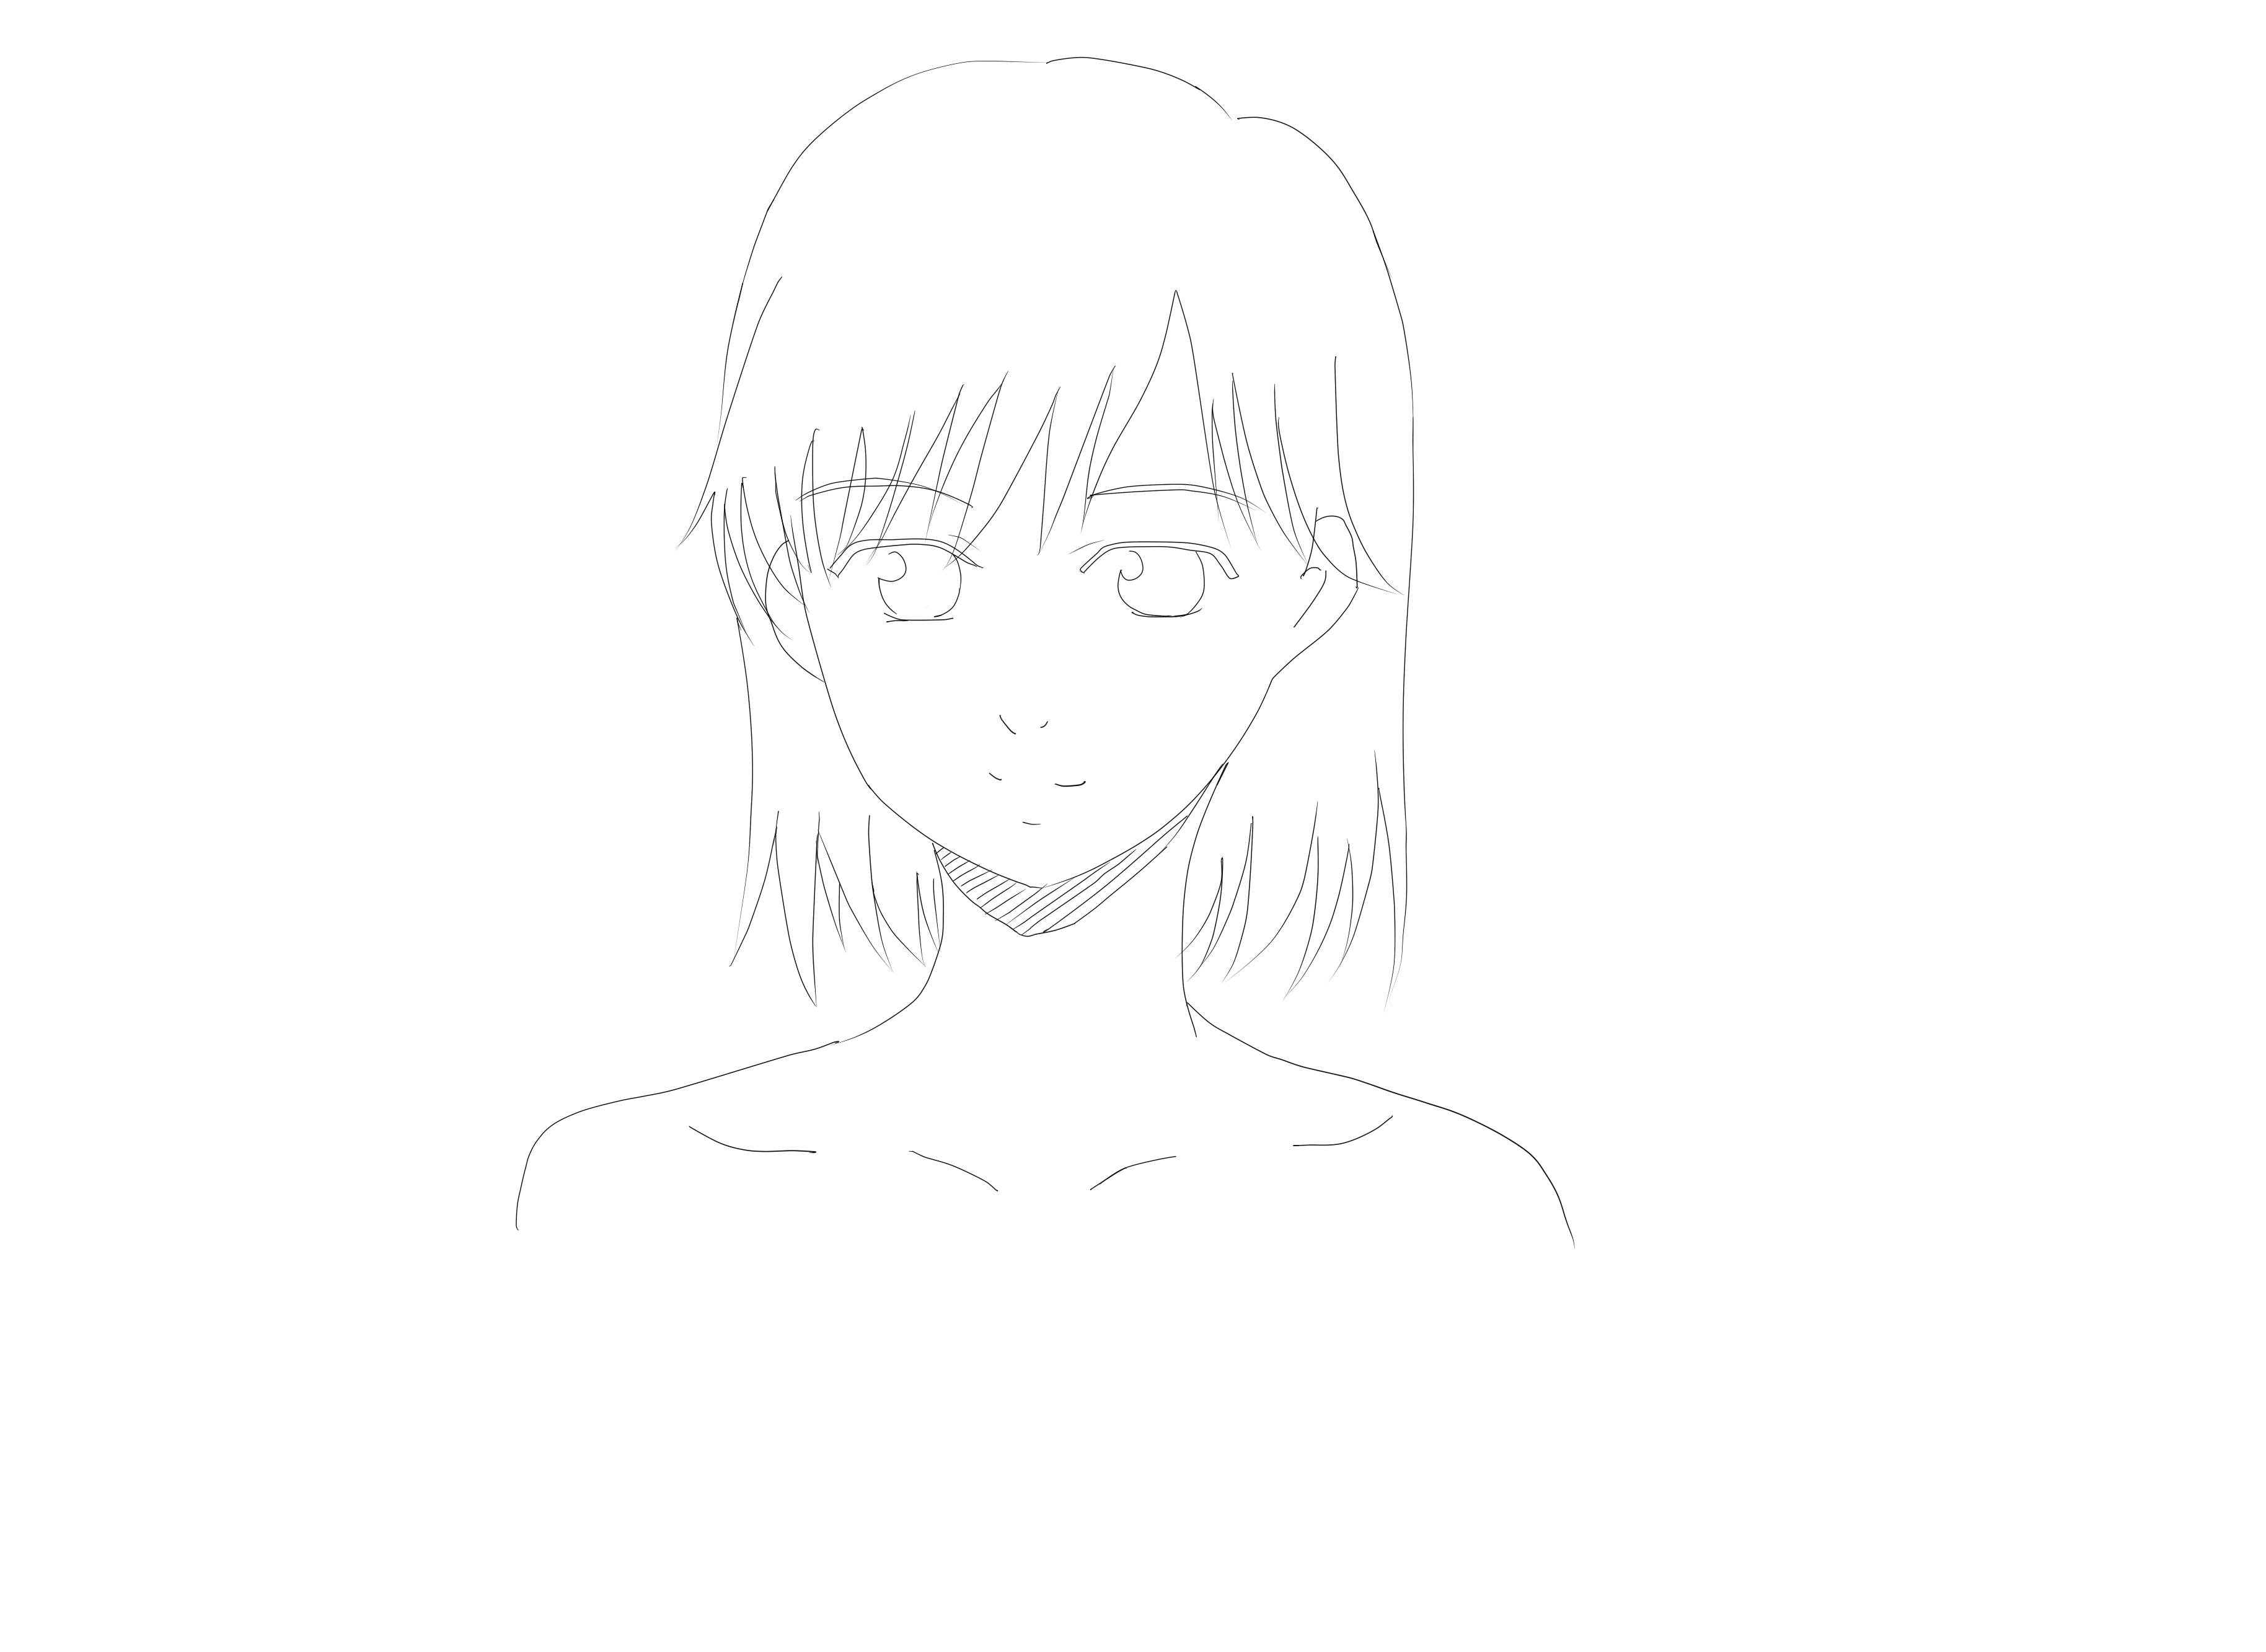 用钢笔描线的少女头部